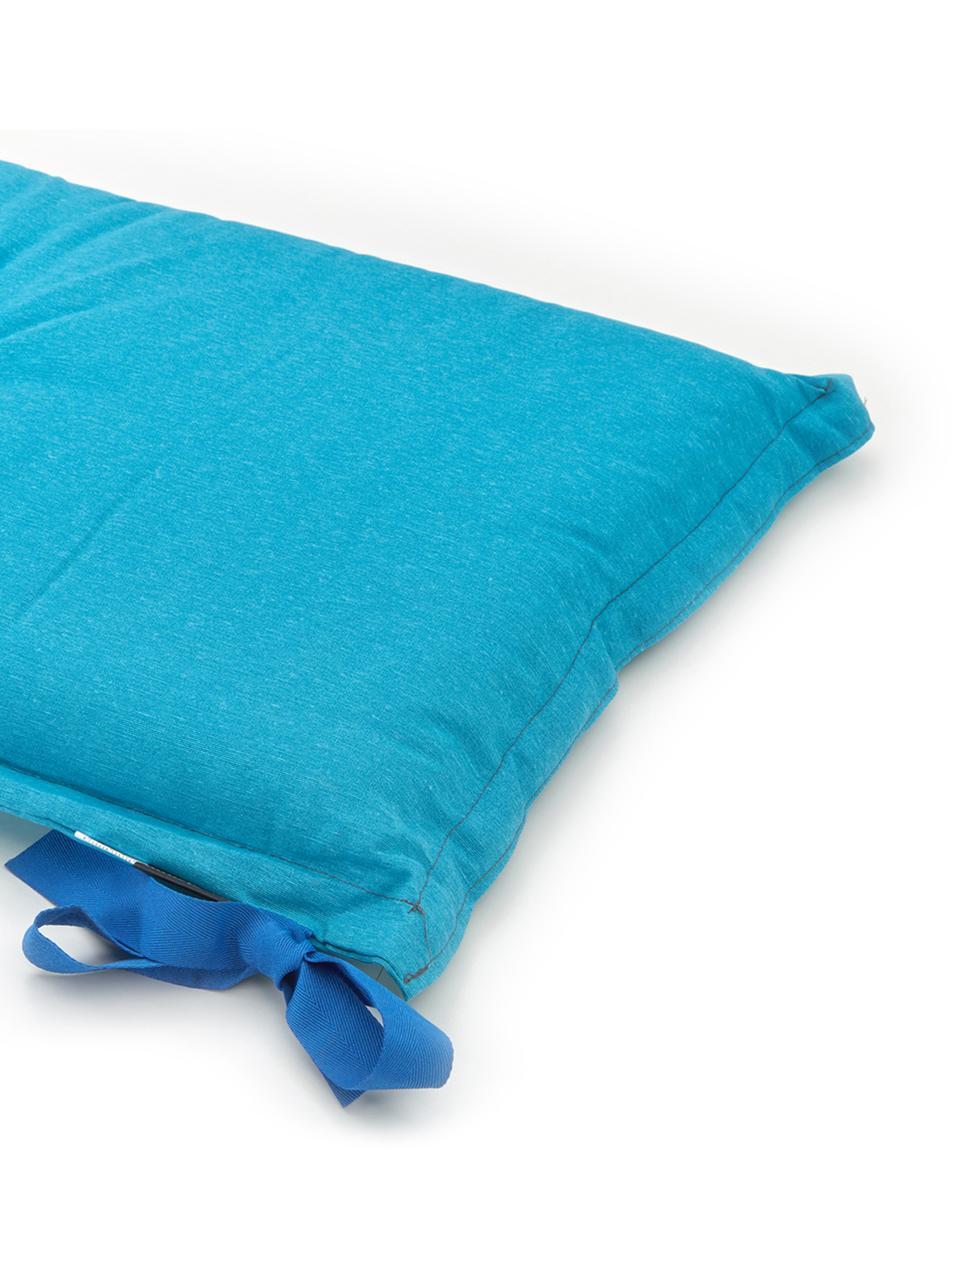 Nakładka na ławkę Panama, Tapicerka: 50% bawełna, 45% polieste, Turkusowy, S 48 x D 120 cm